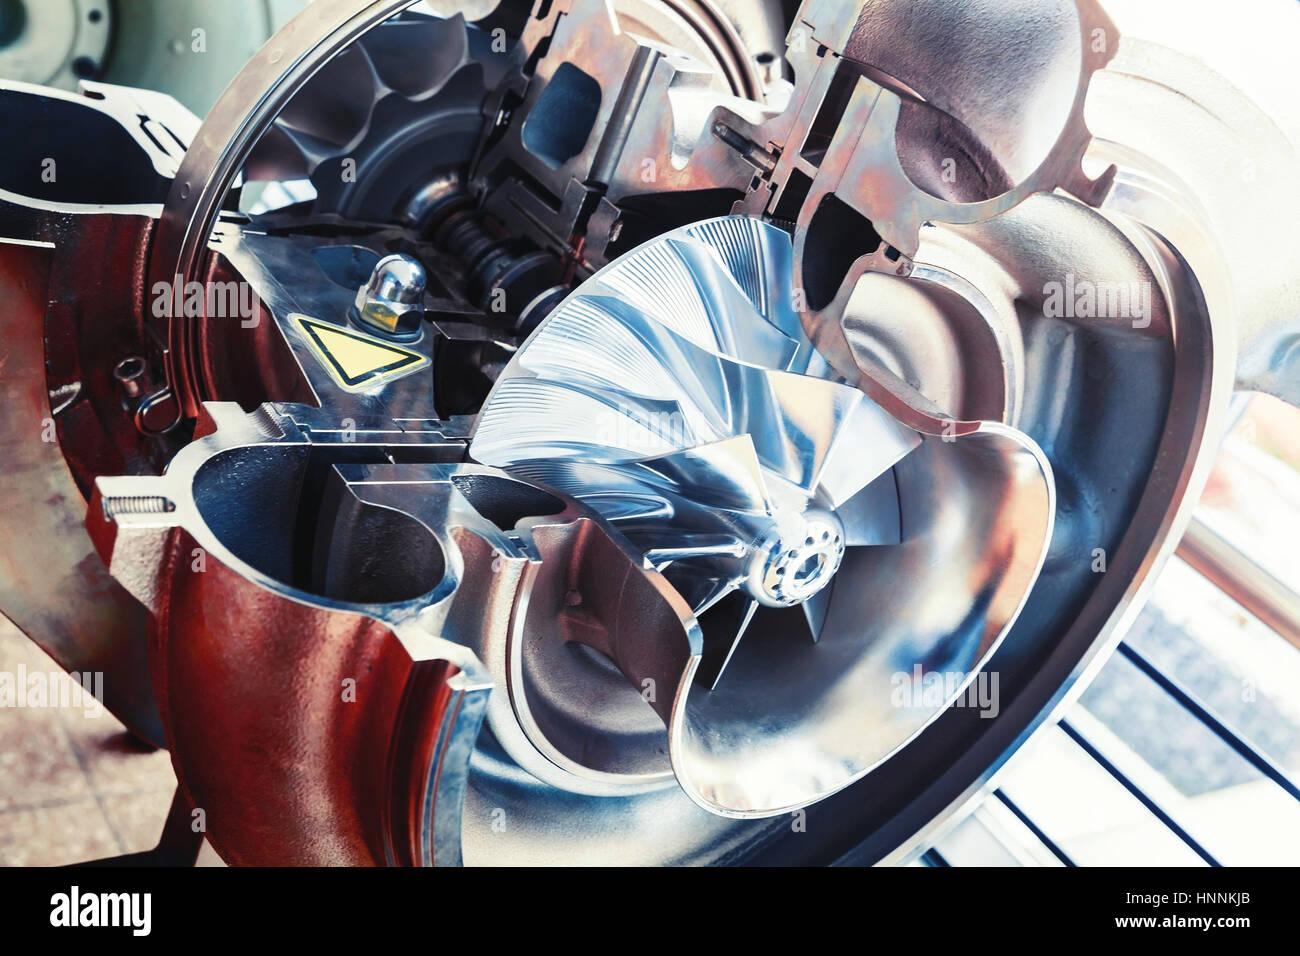 Nett Struktur Des Automotors Fotos - Die Besten Elektrischen ...